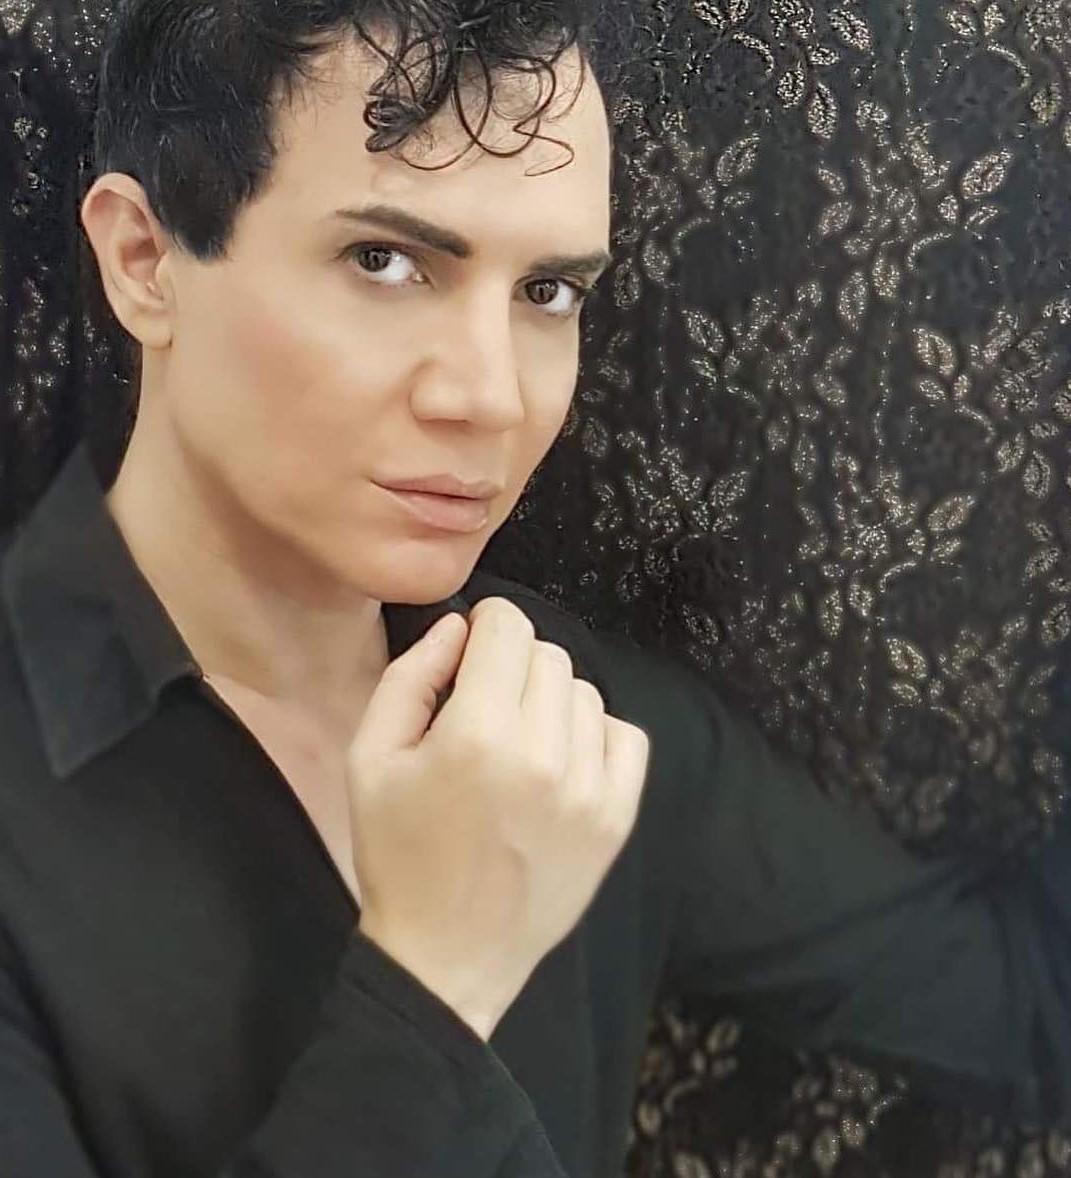 Παντελής Καναράκης: Πώς έκανε τη Δέσποινα Βανδή να γεννήσει πριν την ώρα της;